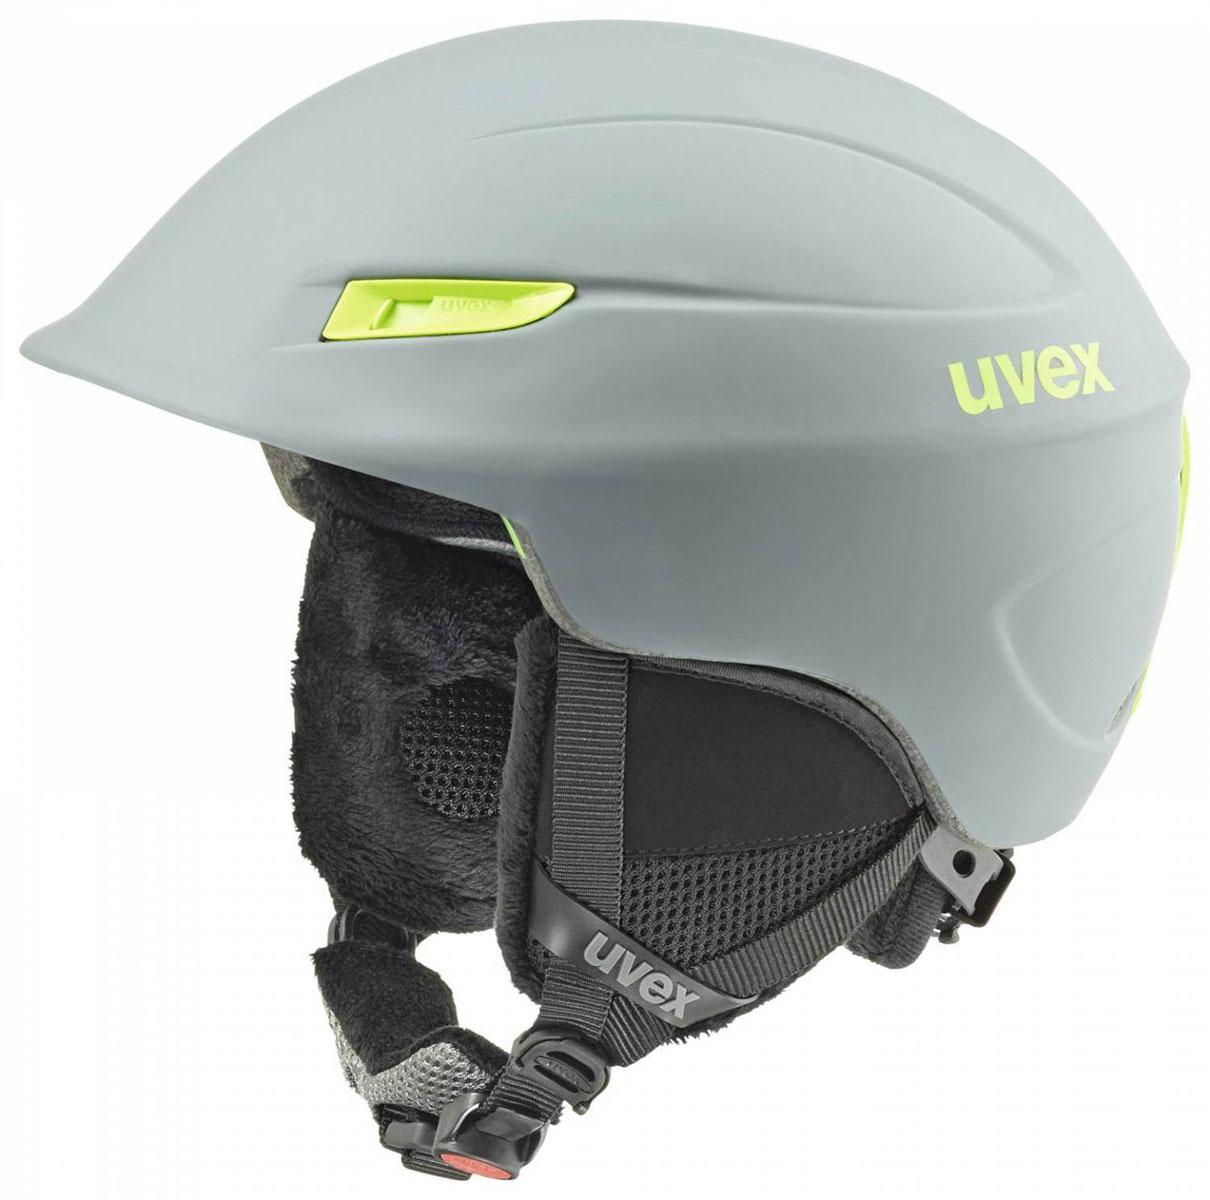 Шлем зимний Uvex Gamma, цвет: зеленый. Размер L/XL6189-5007Легкий шлем для комфортного и безопасного катания. Гипоаллергенный материал подкладки, Регулируемая система вентиляции, Съемная защита ушей, Фиксатор стрэпа маски, Система индивидуальной подгонки размера IAS, Застёжка monomatic®, Сделано в Германии Конструкция In-mould Вентиляция Регулируемая Сертификация EN 1077 B Регулировка размера Есть Тип регулировки размера IAS Материал внешней раковины ABS Материал внутренней раковины Пенополистирол Материал подкладки Полиэстер